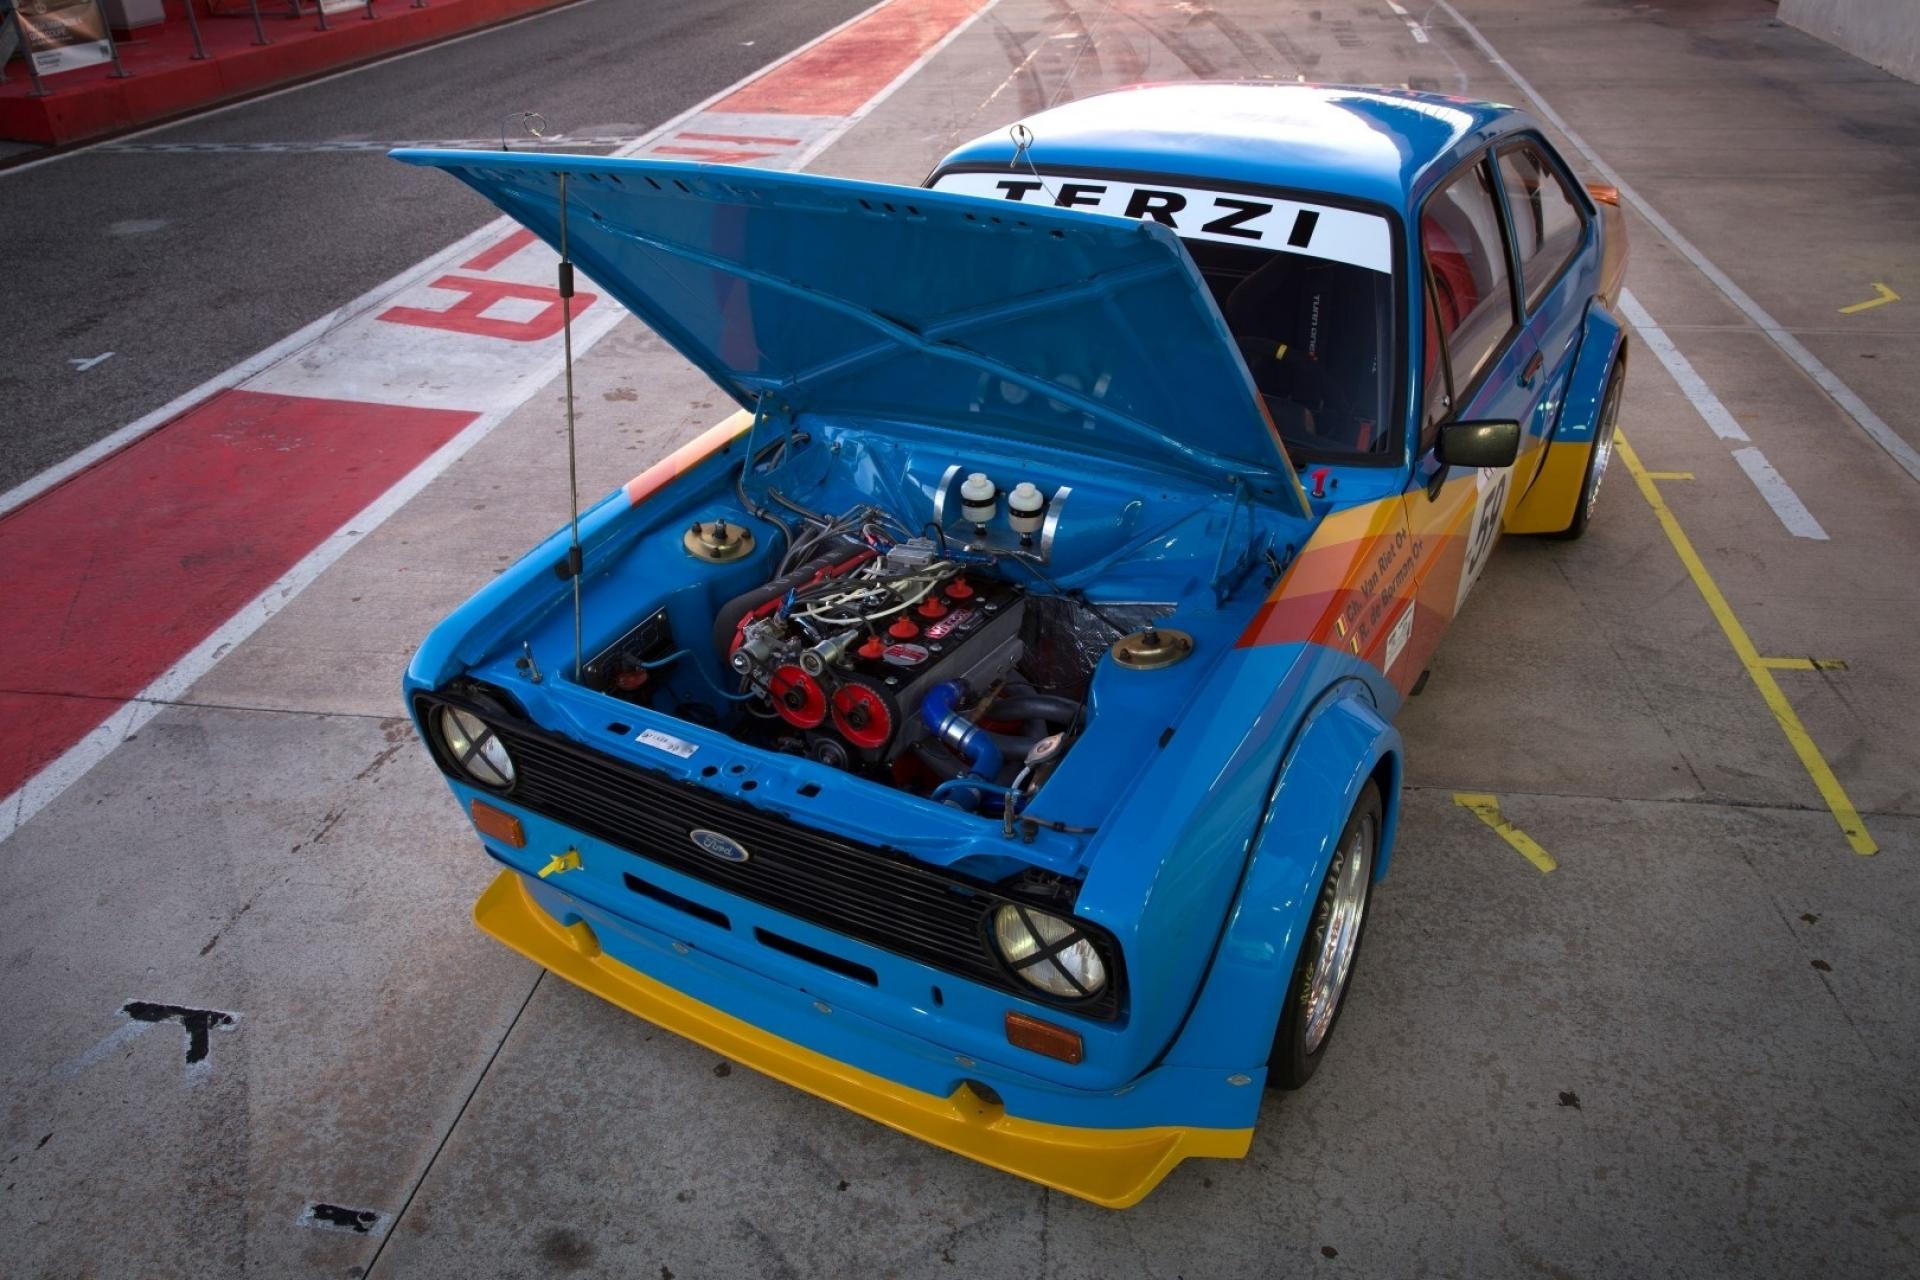 ford-escort-terzi08-03_0.jpg